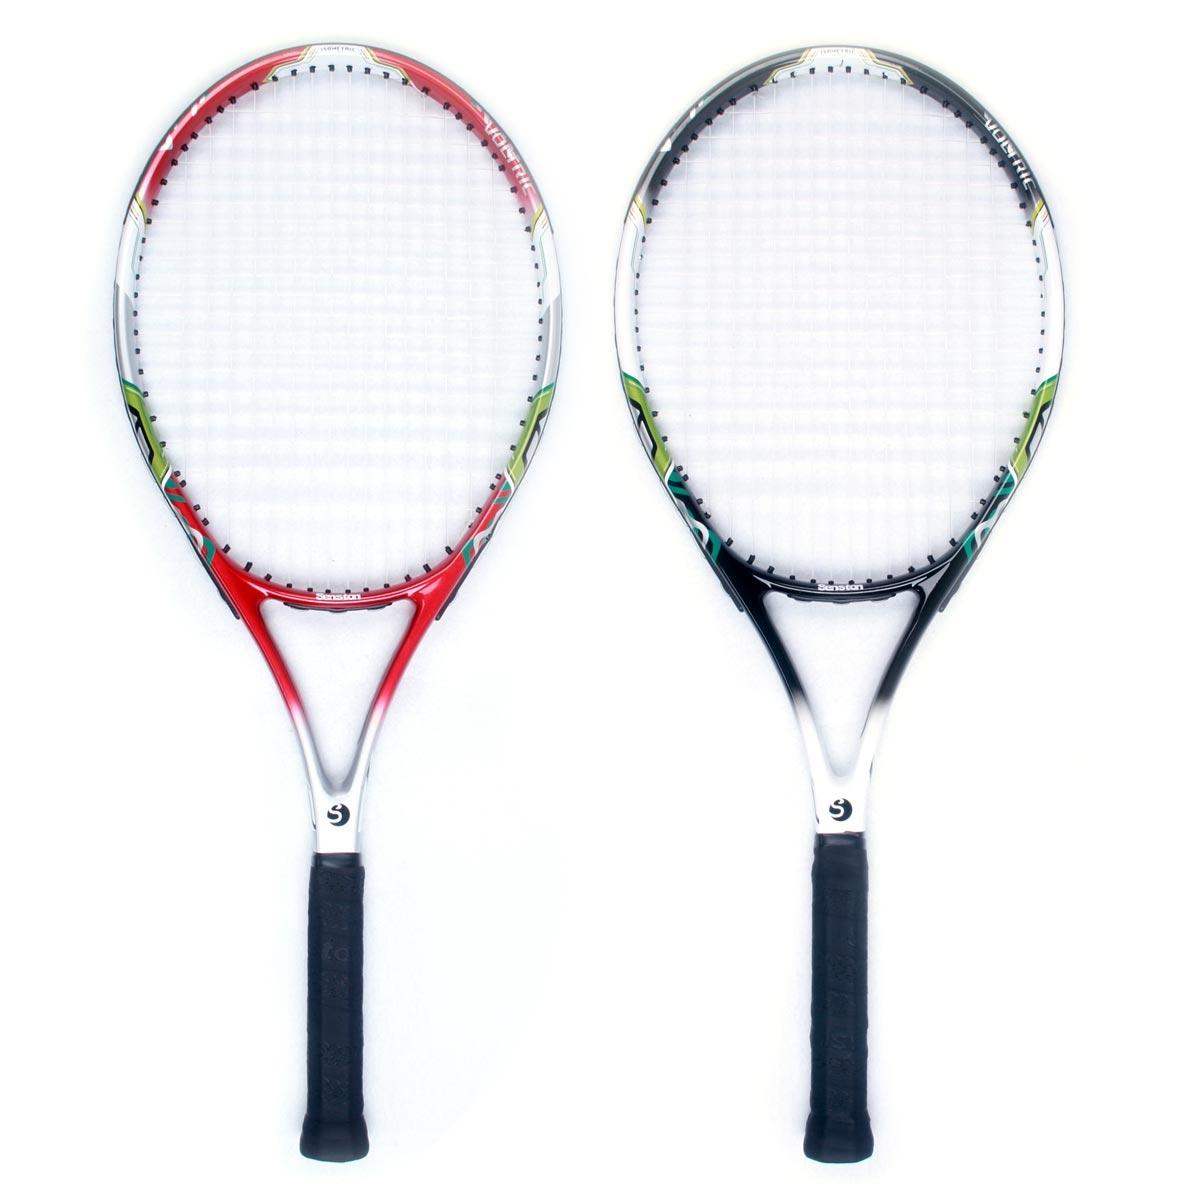 网球拍_网球拍源文件__psd分层素材